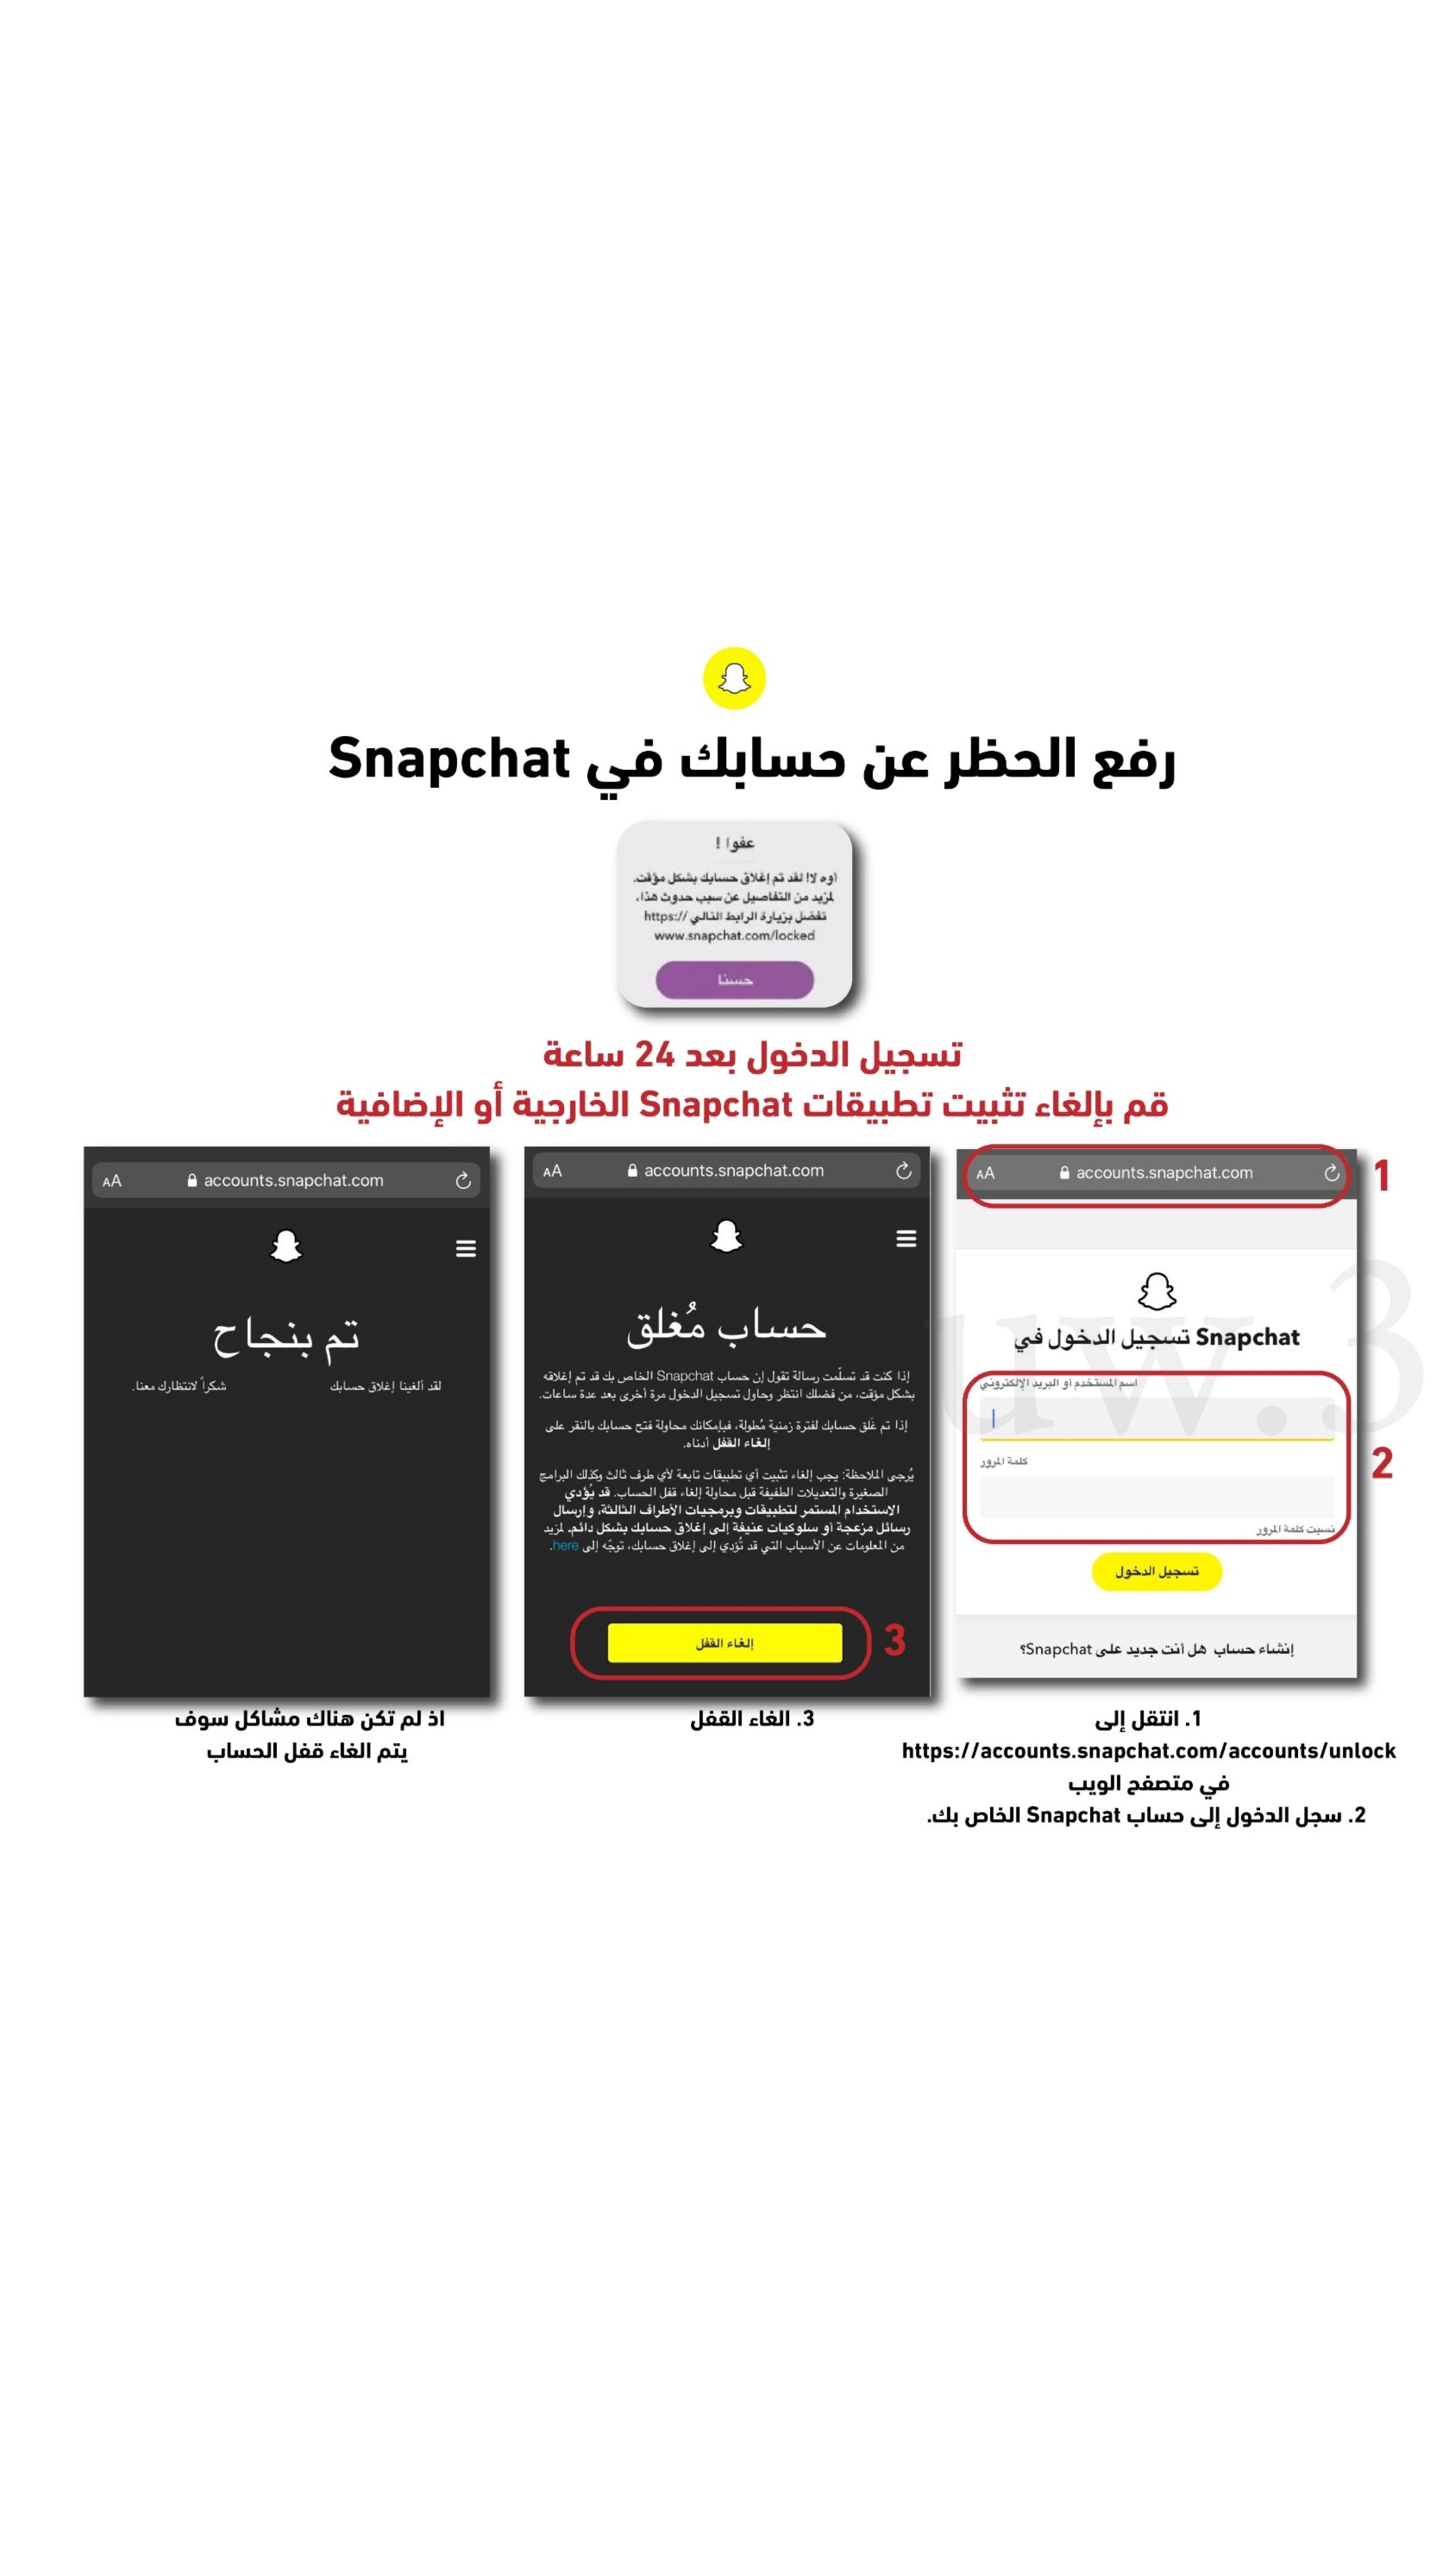 رفع الحظر عن حسابك في Snapchat Useful Life Hacks Life Hacks Life Is Good